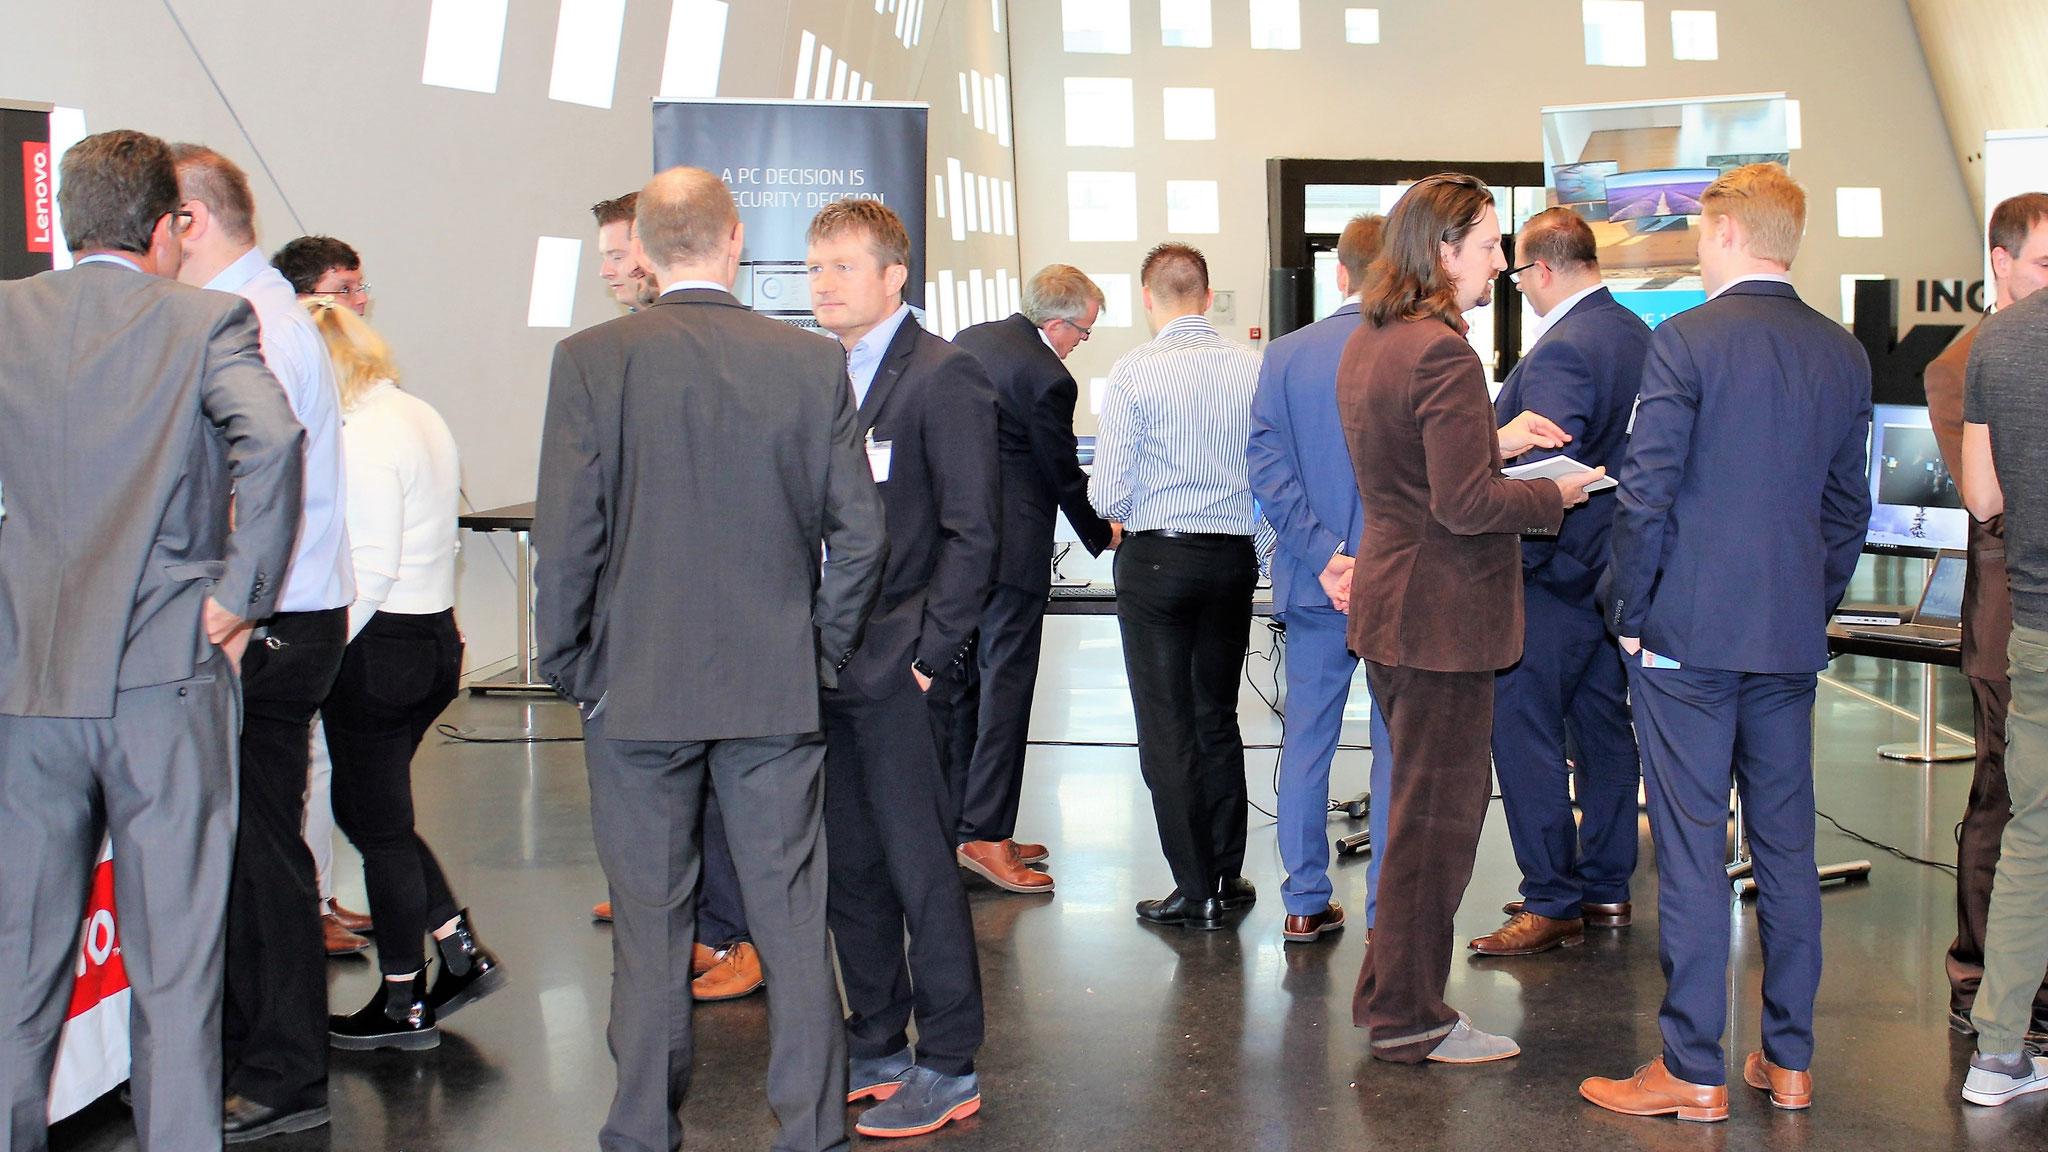 Diskussionen zur Hardware-Ausstattung des Future Work Place